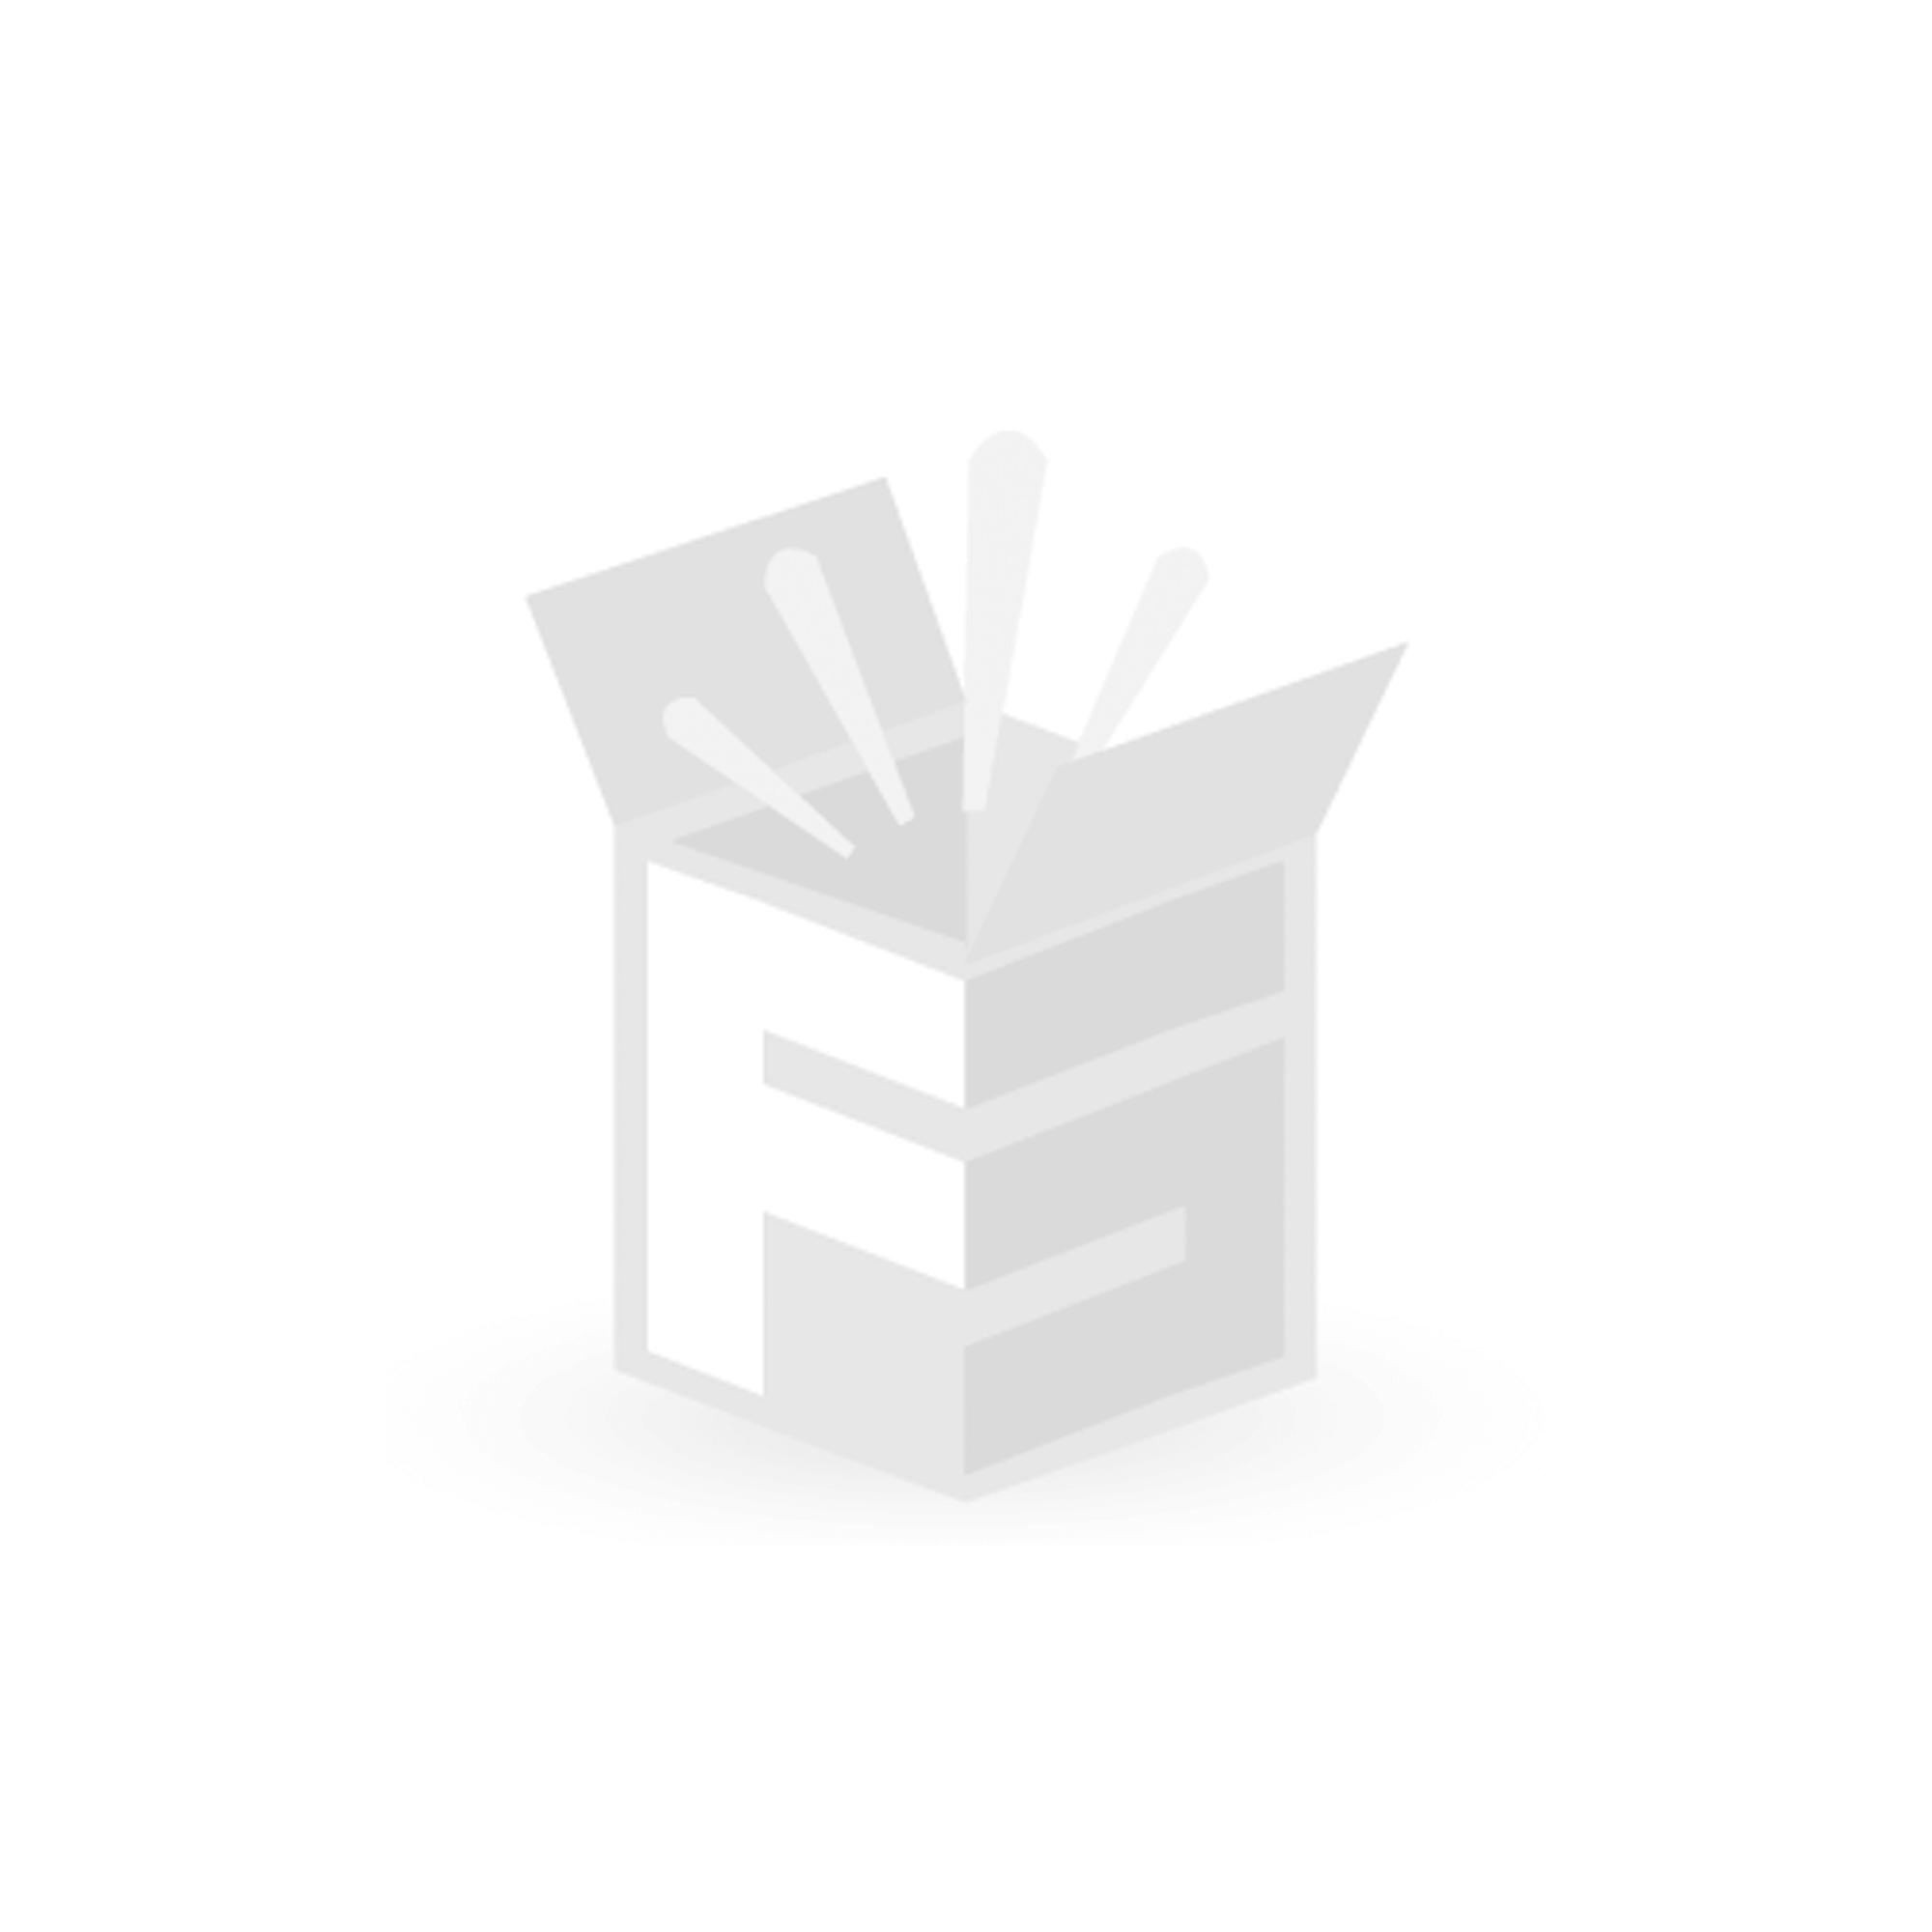 Schutzfolie für Schweissbalken zu Vakuum-Verpackungsmaschine 400